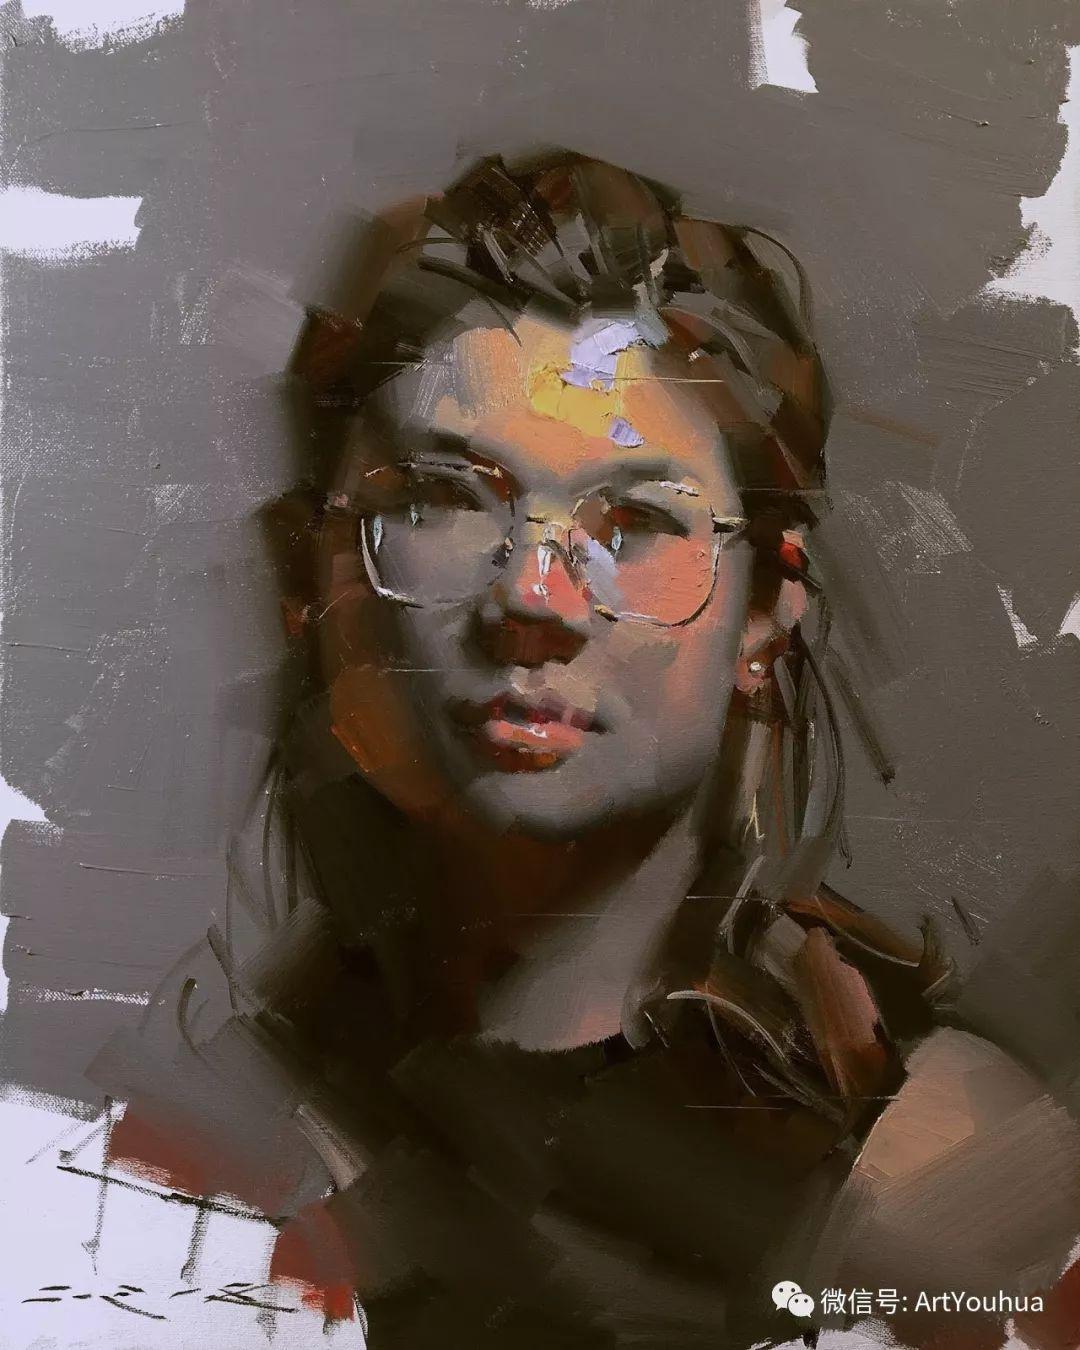 他的人物肖像绘画独具一格 还是位80后画家插图73